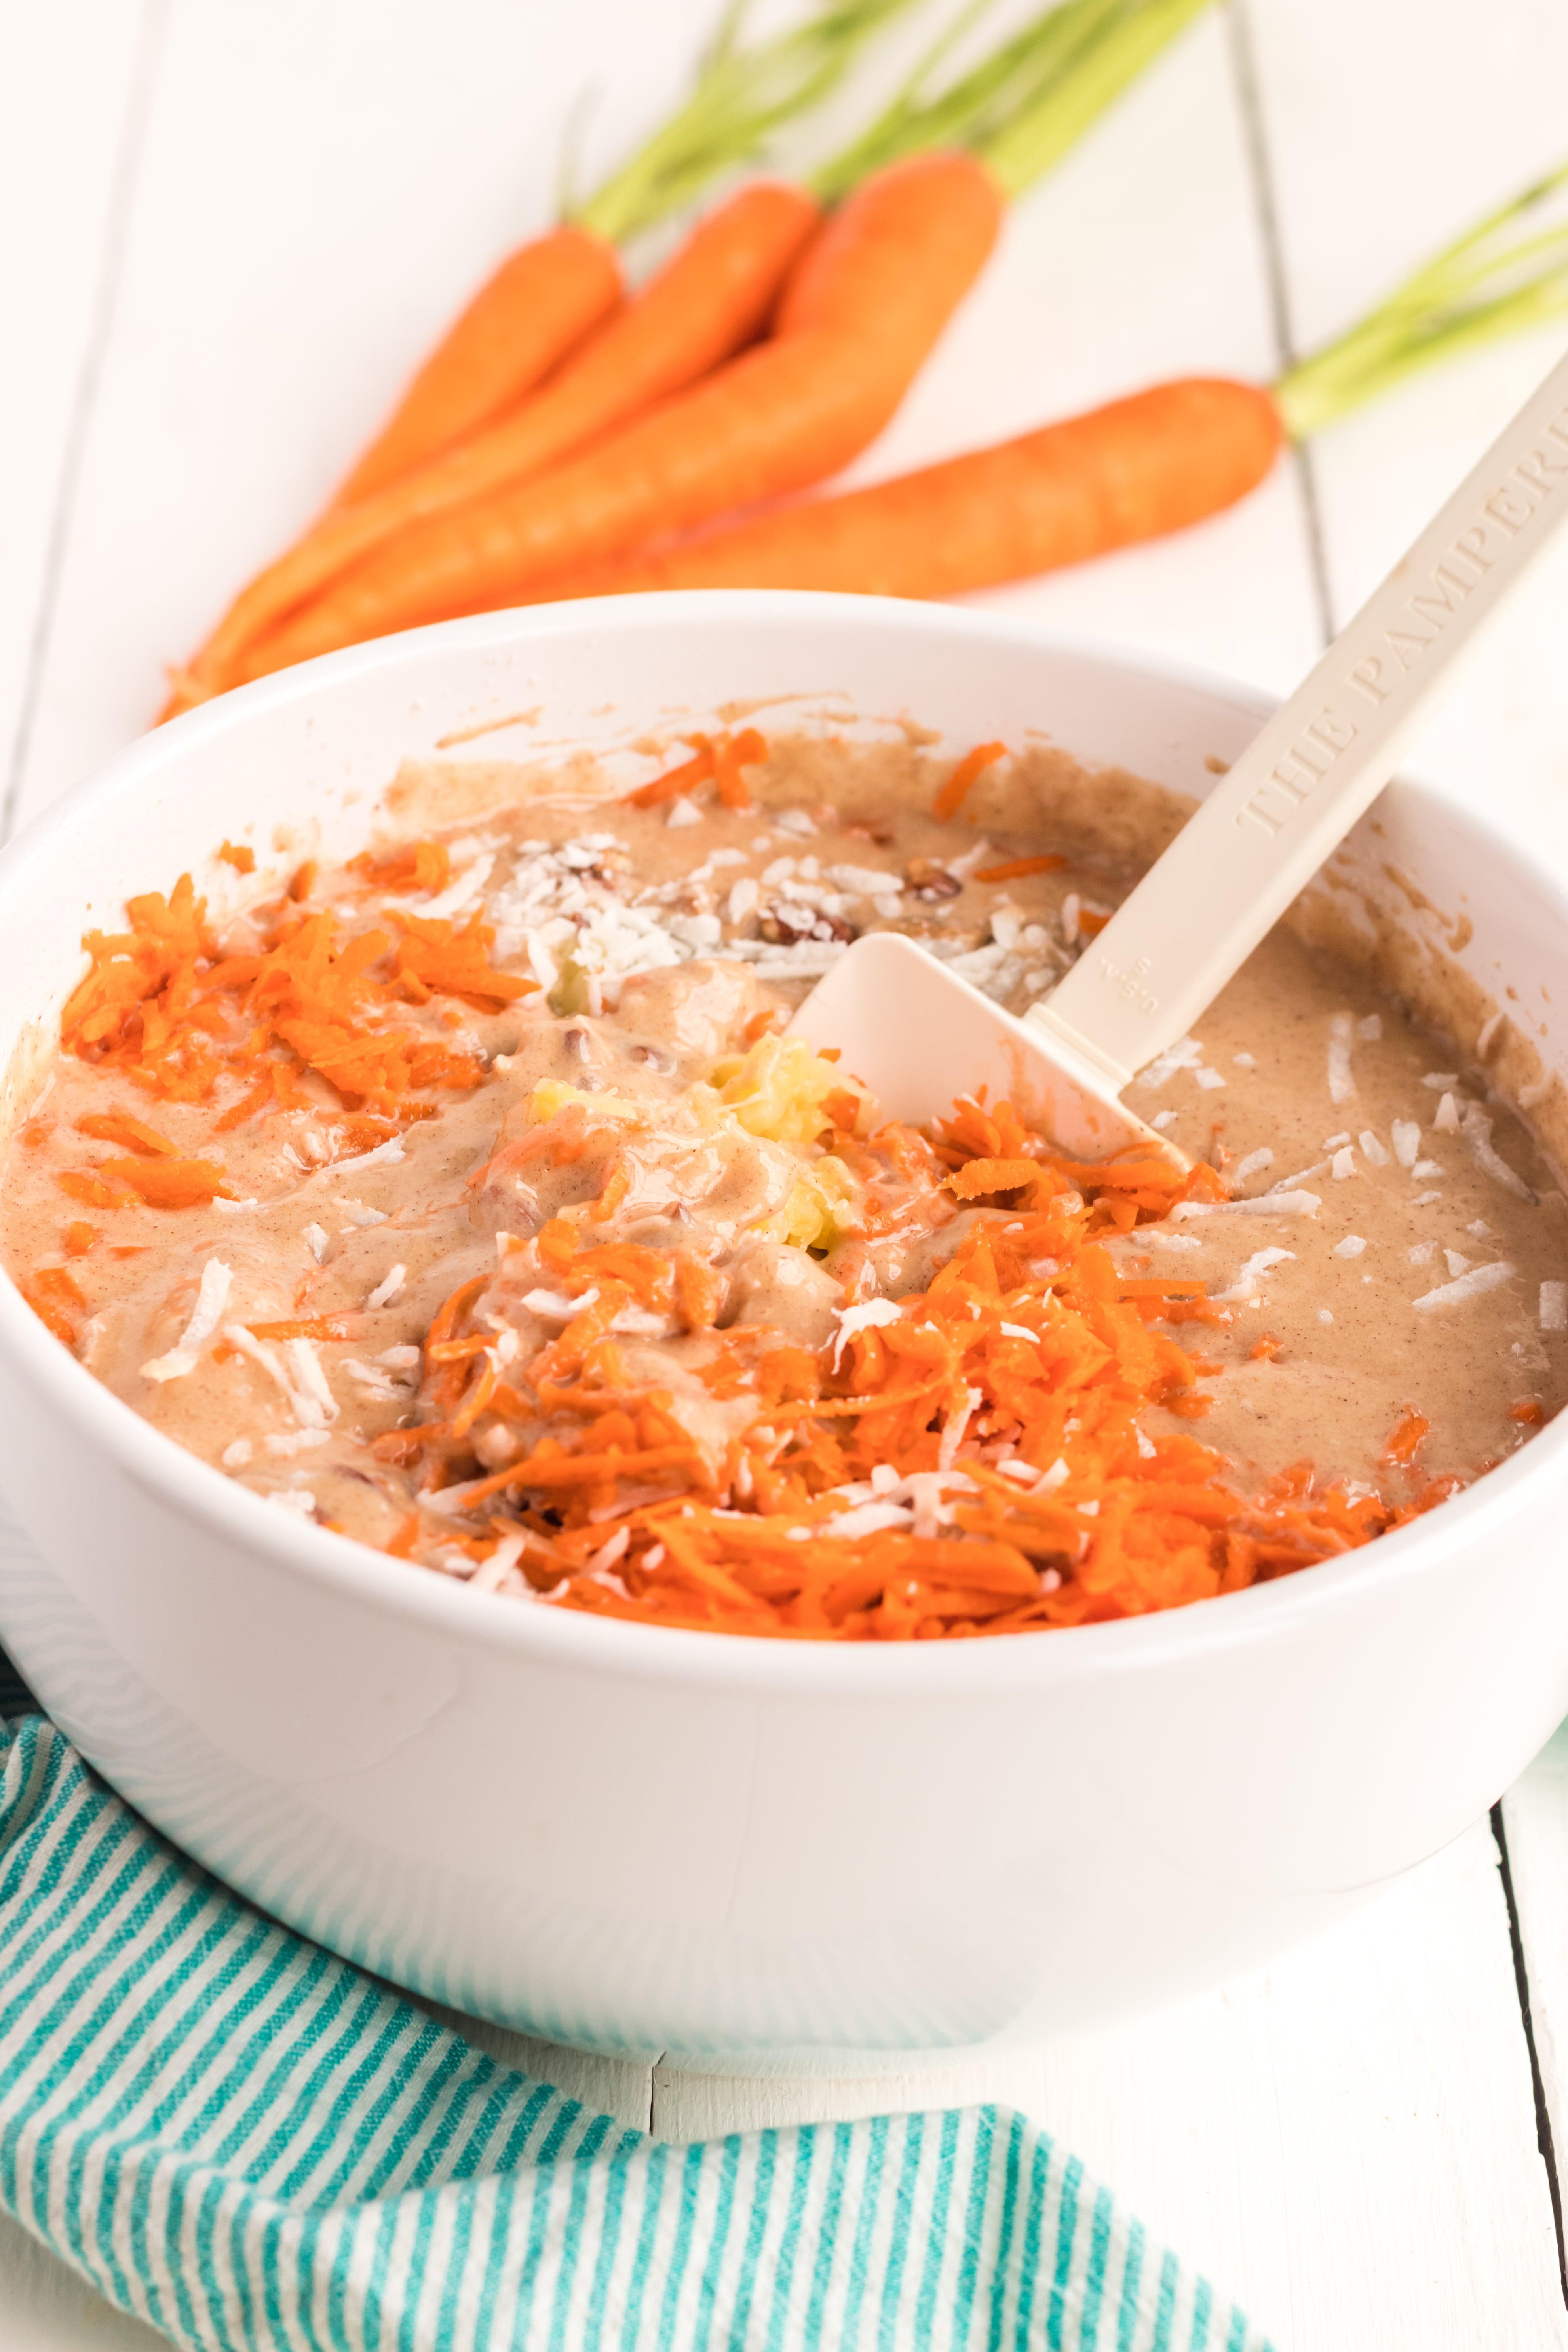 A bowl of Carrot cake batter